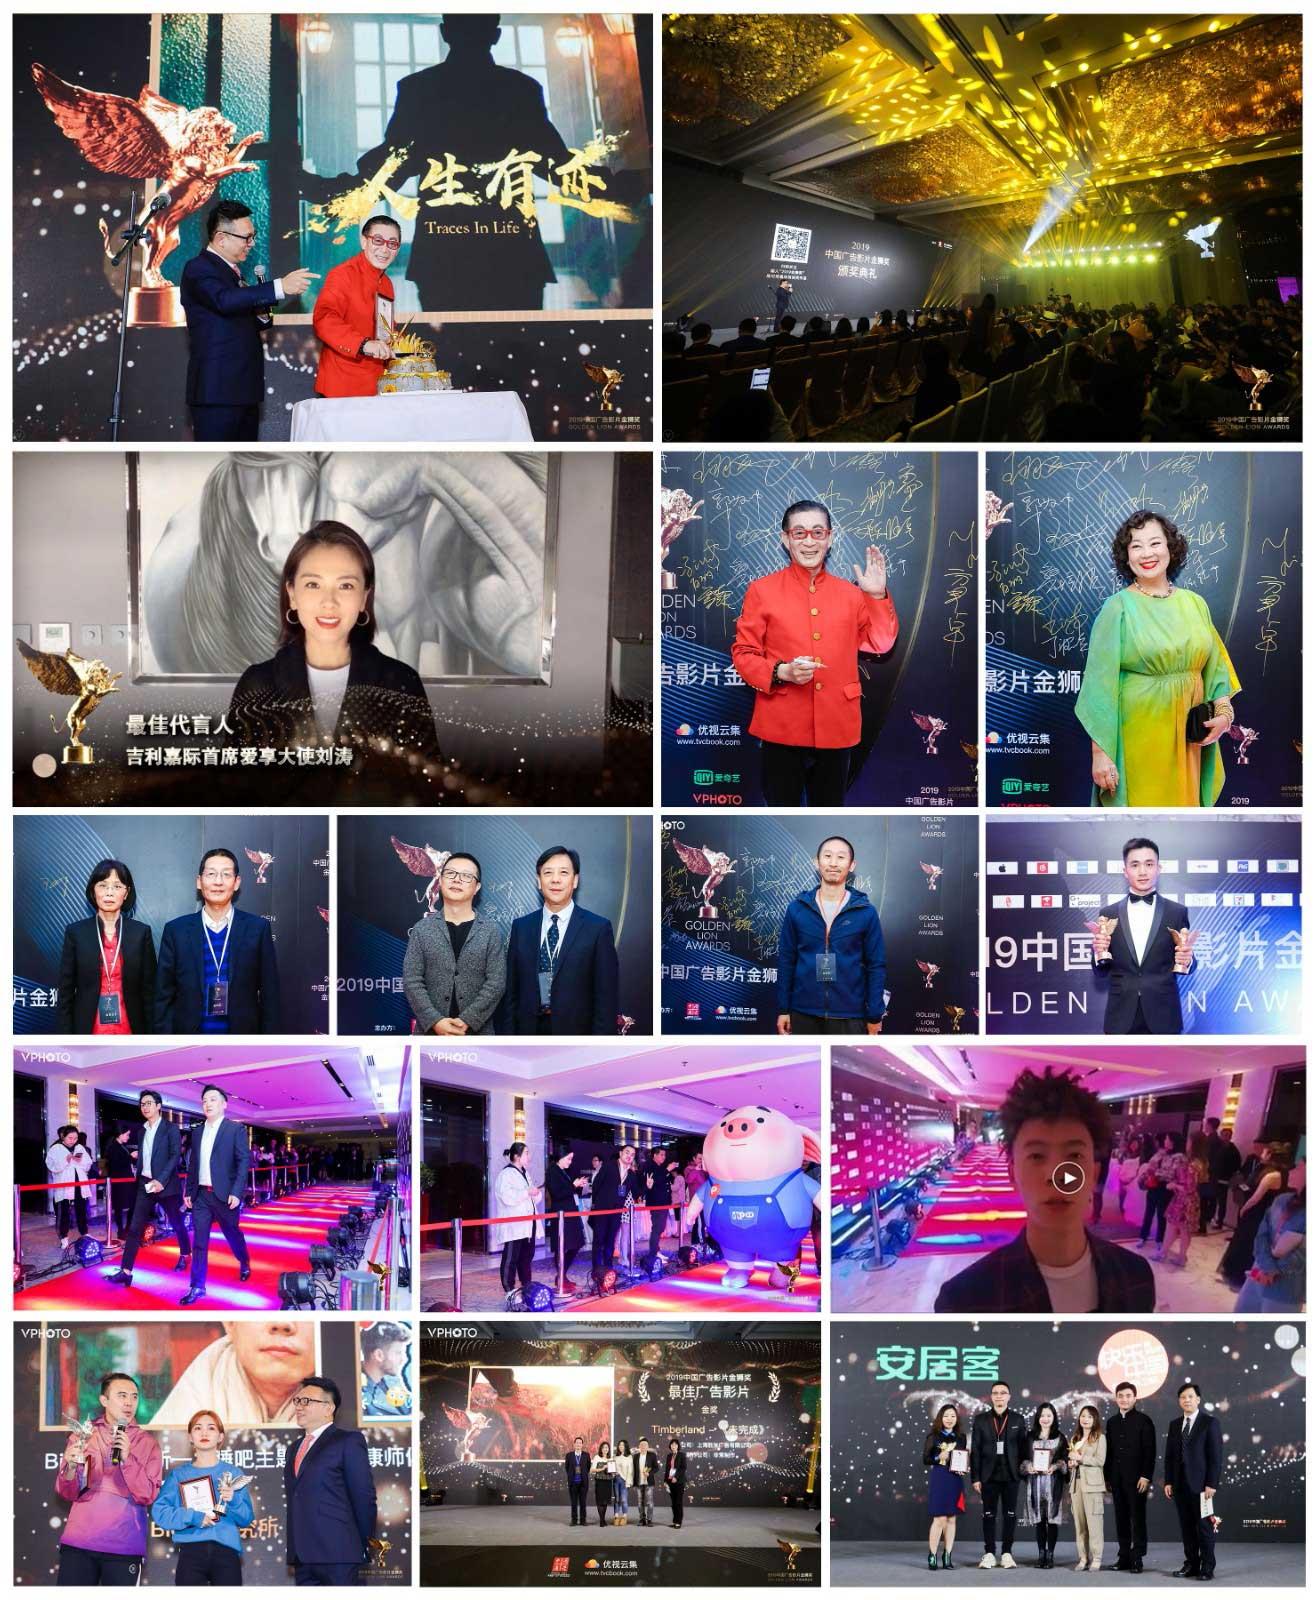 荣耀加冕 | 2019中国广告影片金狮奖圆满落幕【附颁奖典礼视频】